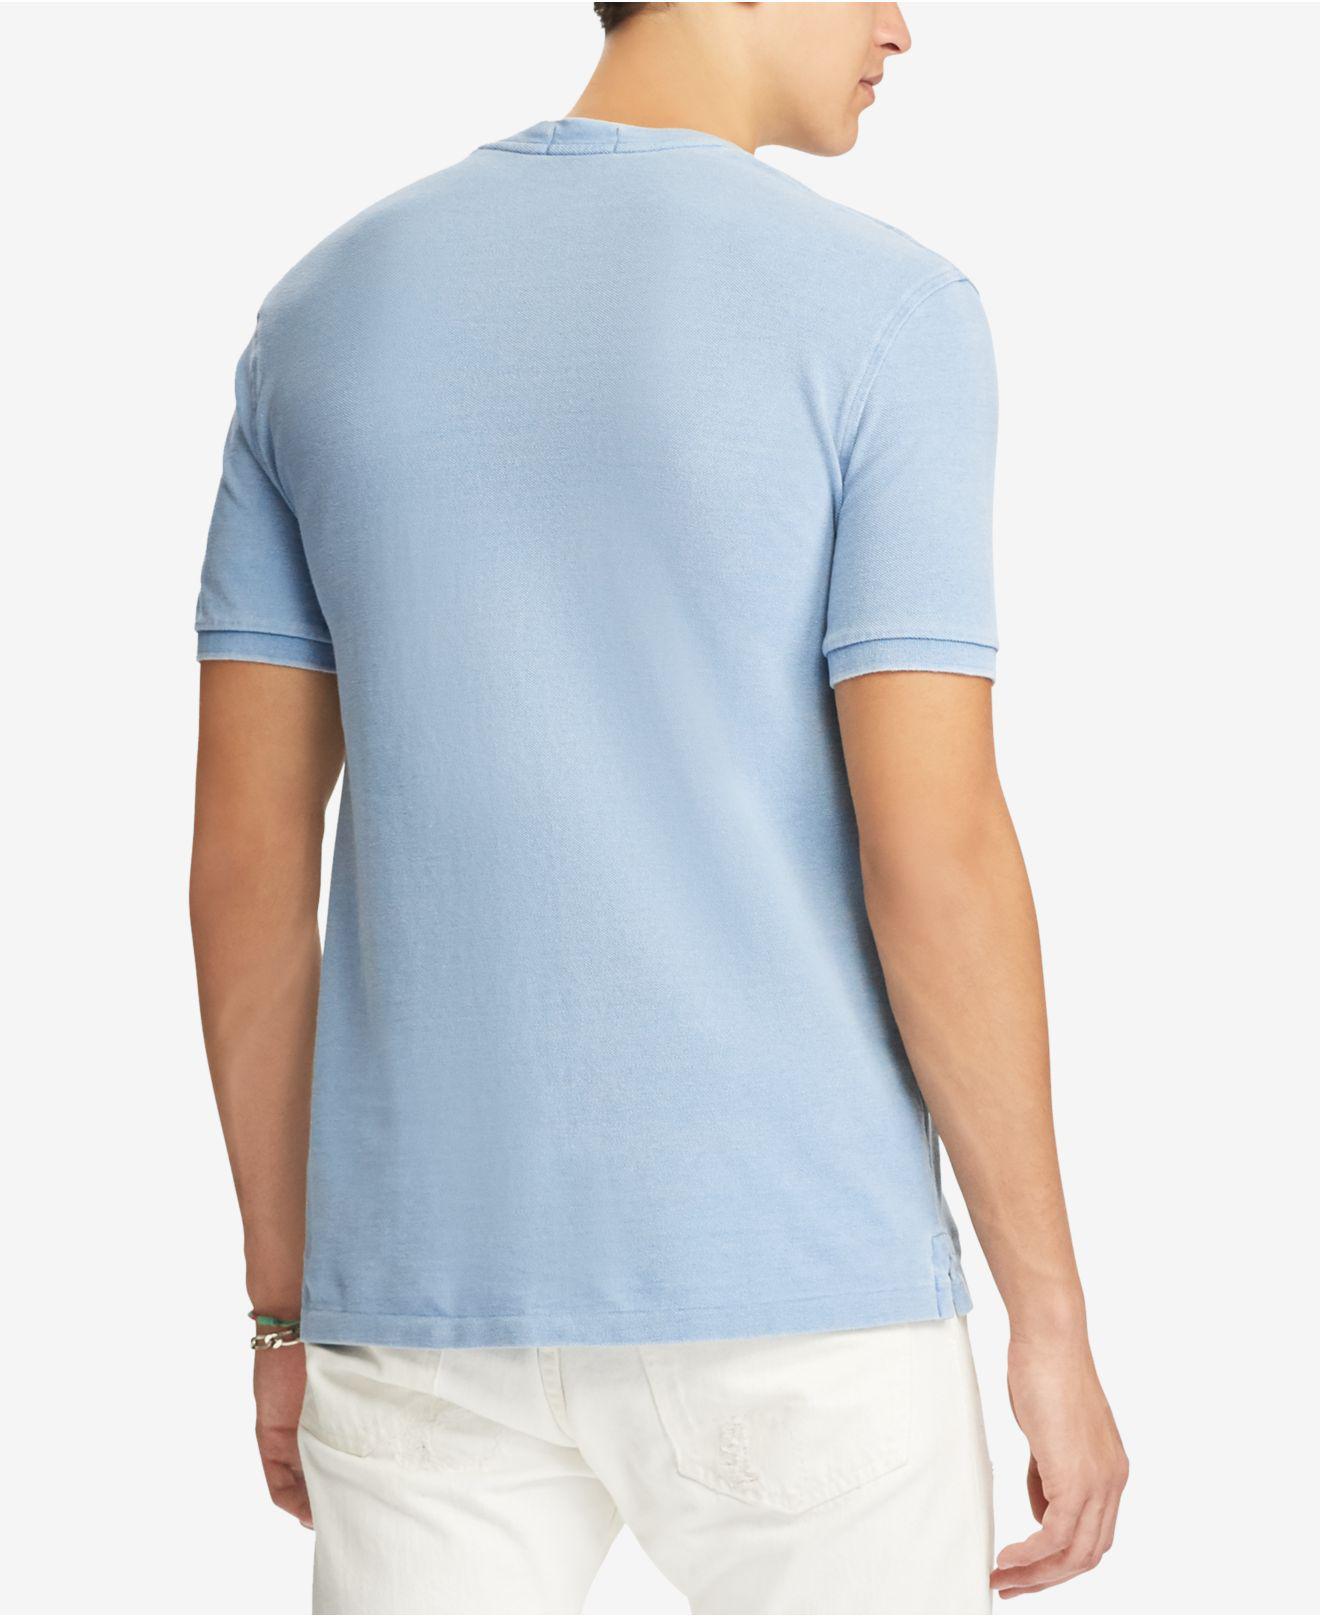 b1a047c19 Polo Ralph Lauren Big & Tall Featherweight Mesh Henley Shirt in Blue ...